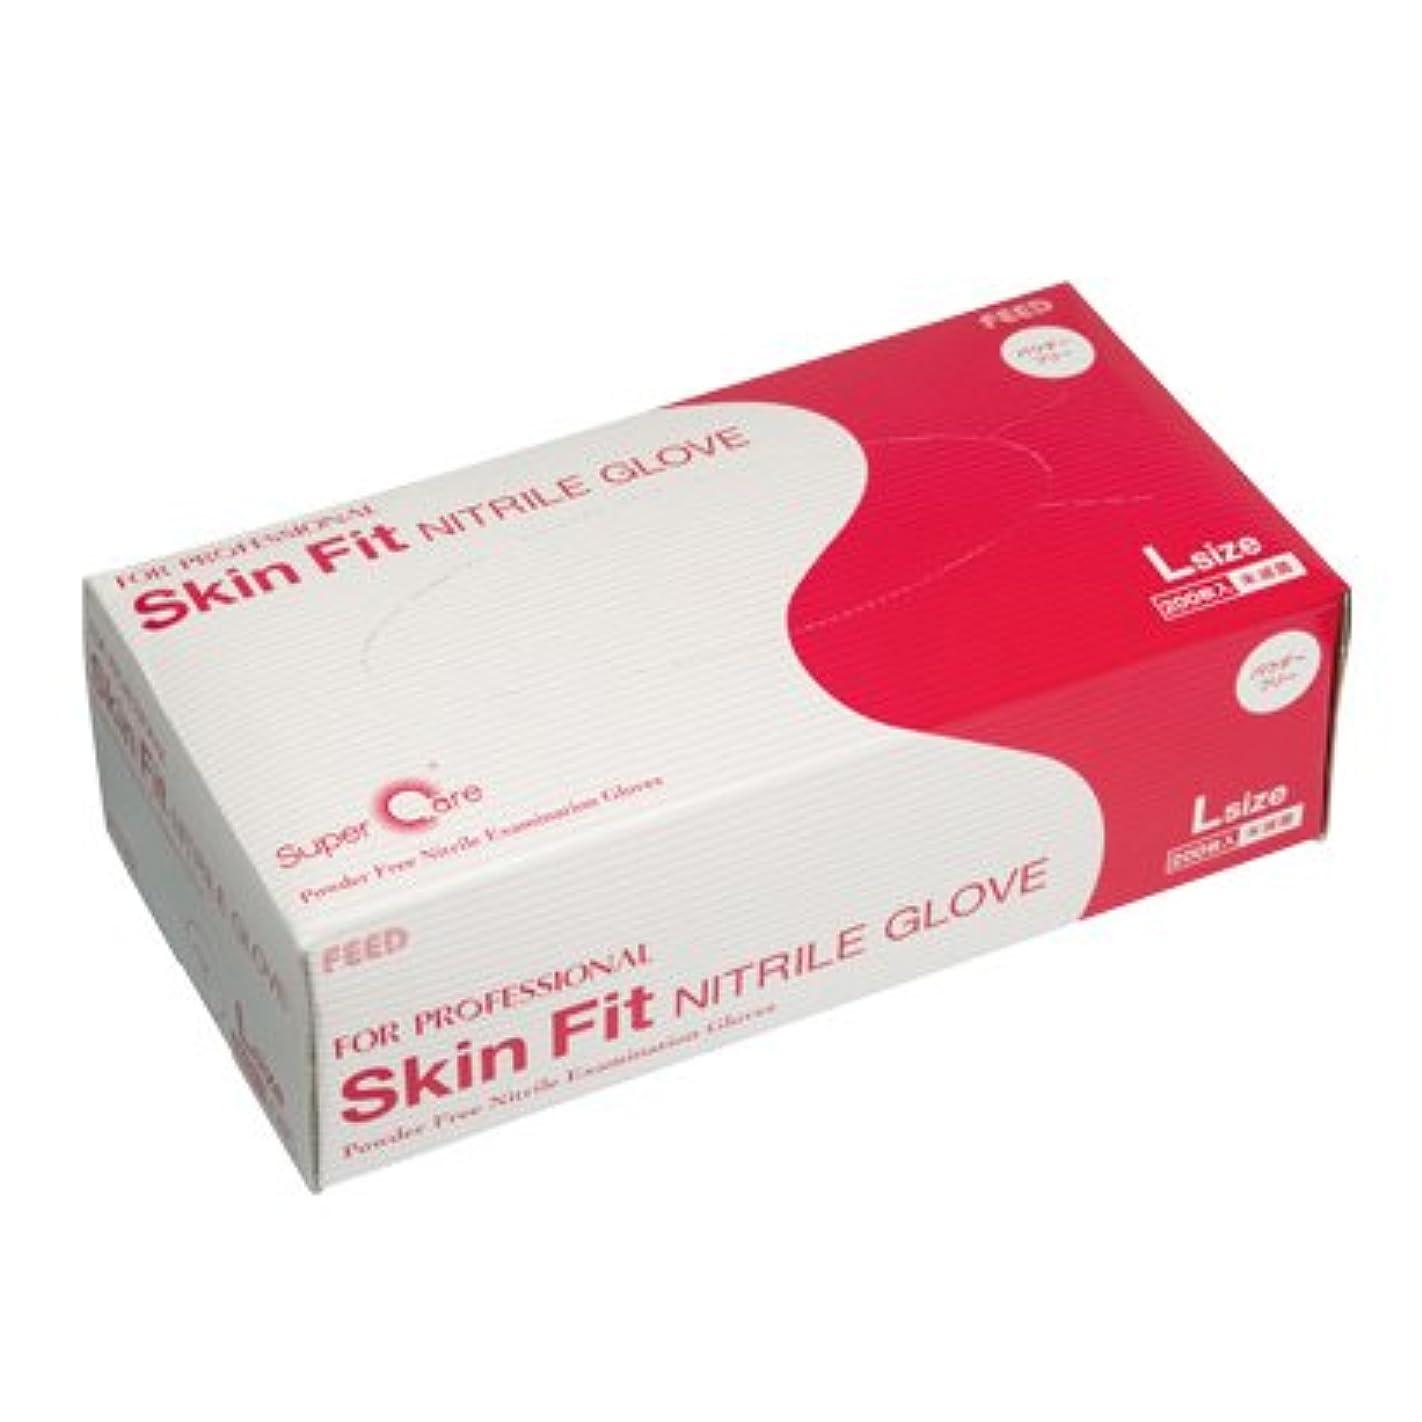 ホイスト謝罪意識的FEED(フィード) Skin Fit ニトリルグローブ パウダーフリー L カートン(200枚入×10ケース) (医療機器)